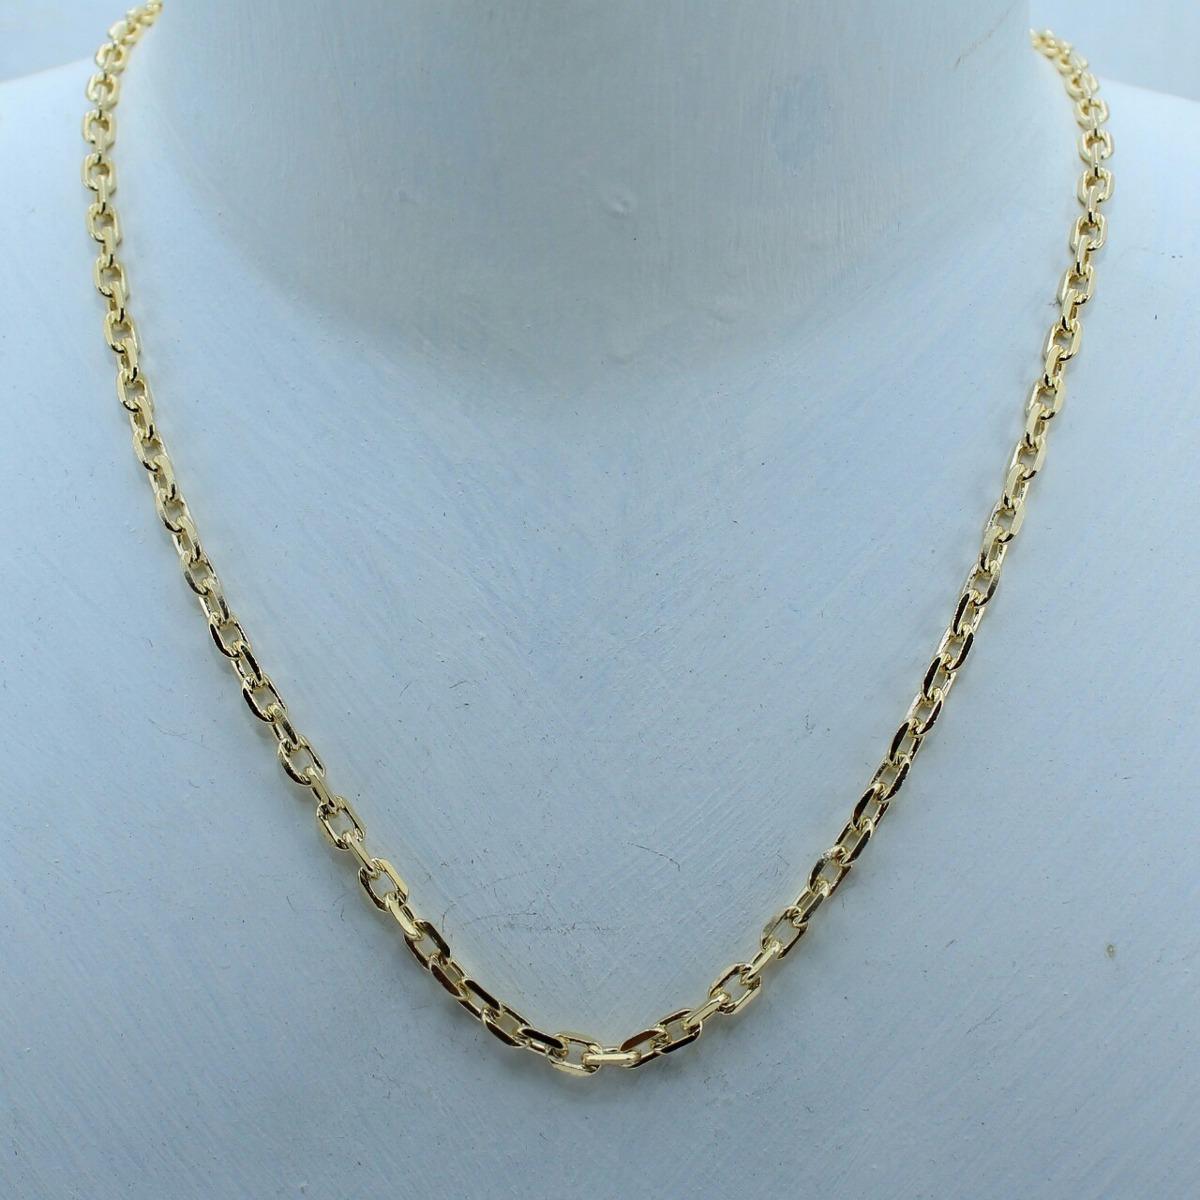 104dd4097a7 Corrente Cartier Banhada Em Ouro 18k - R  143